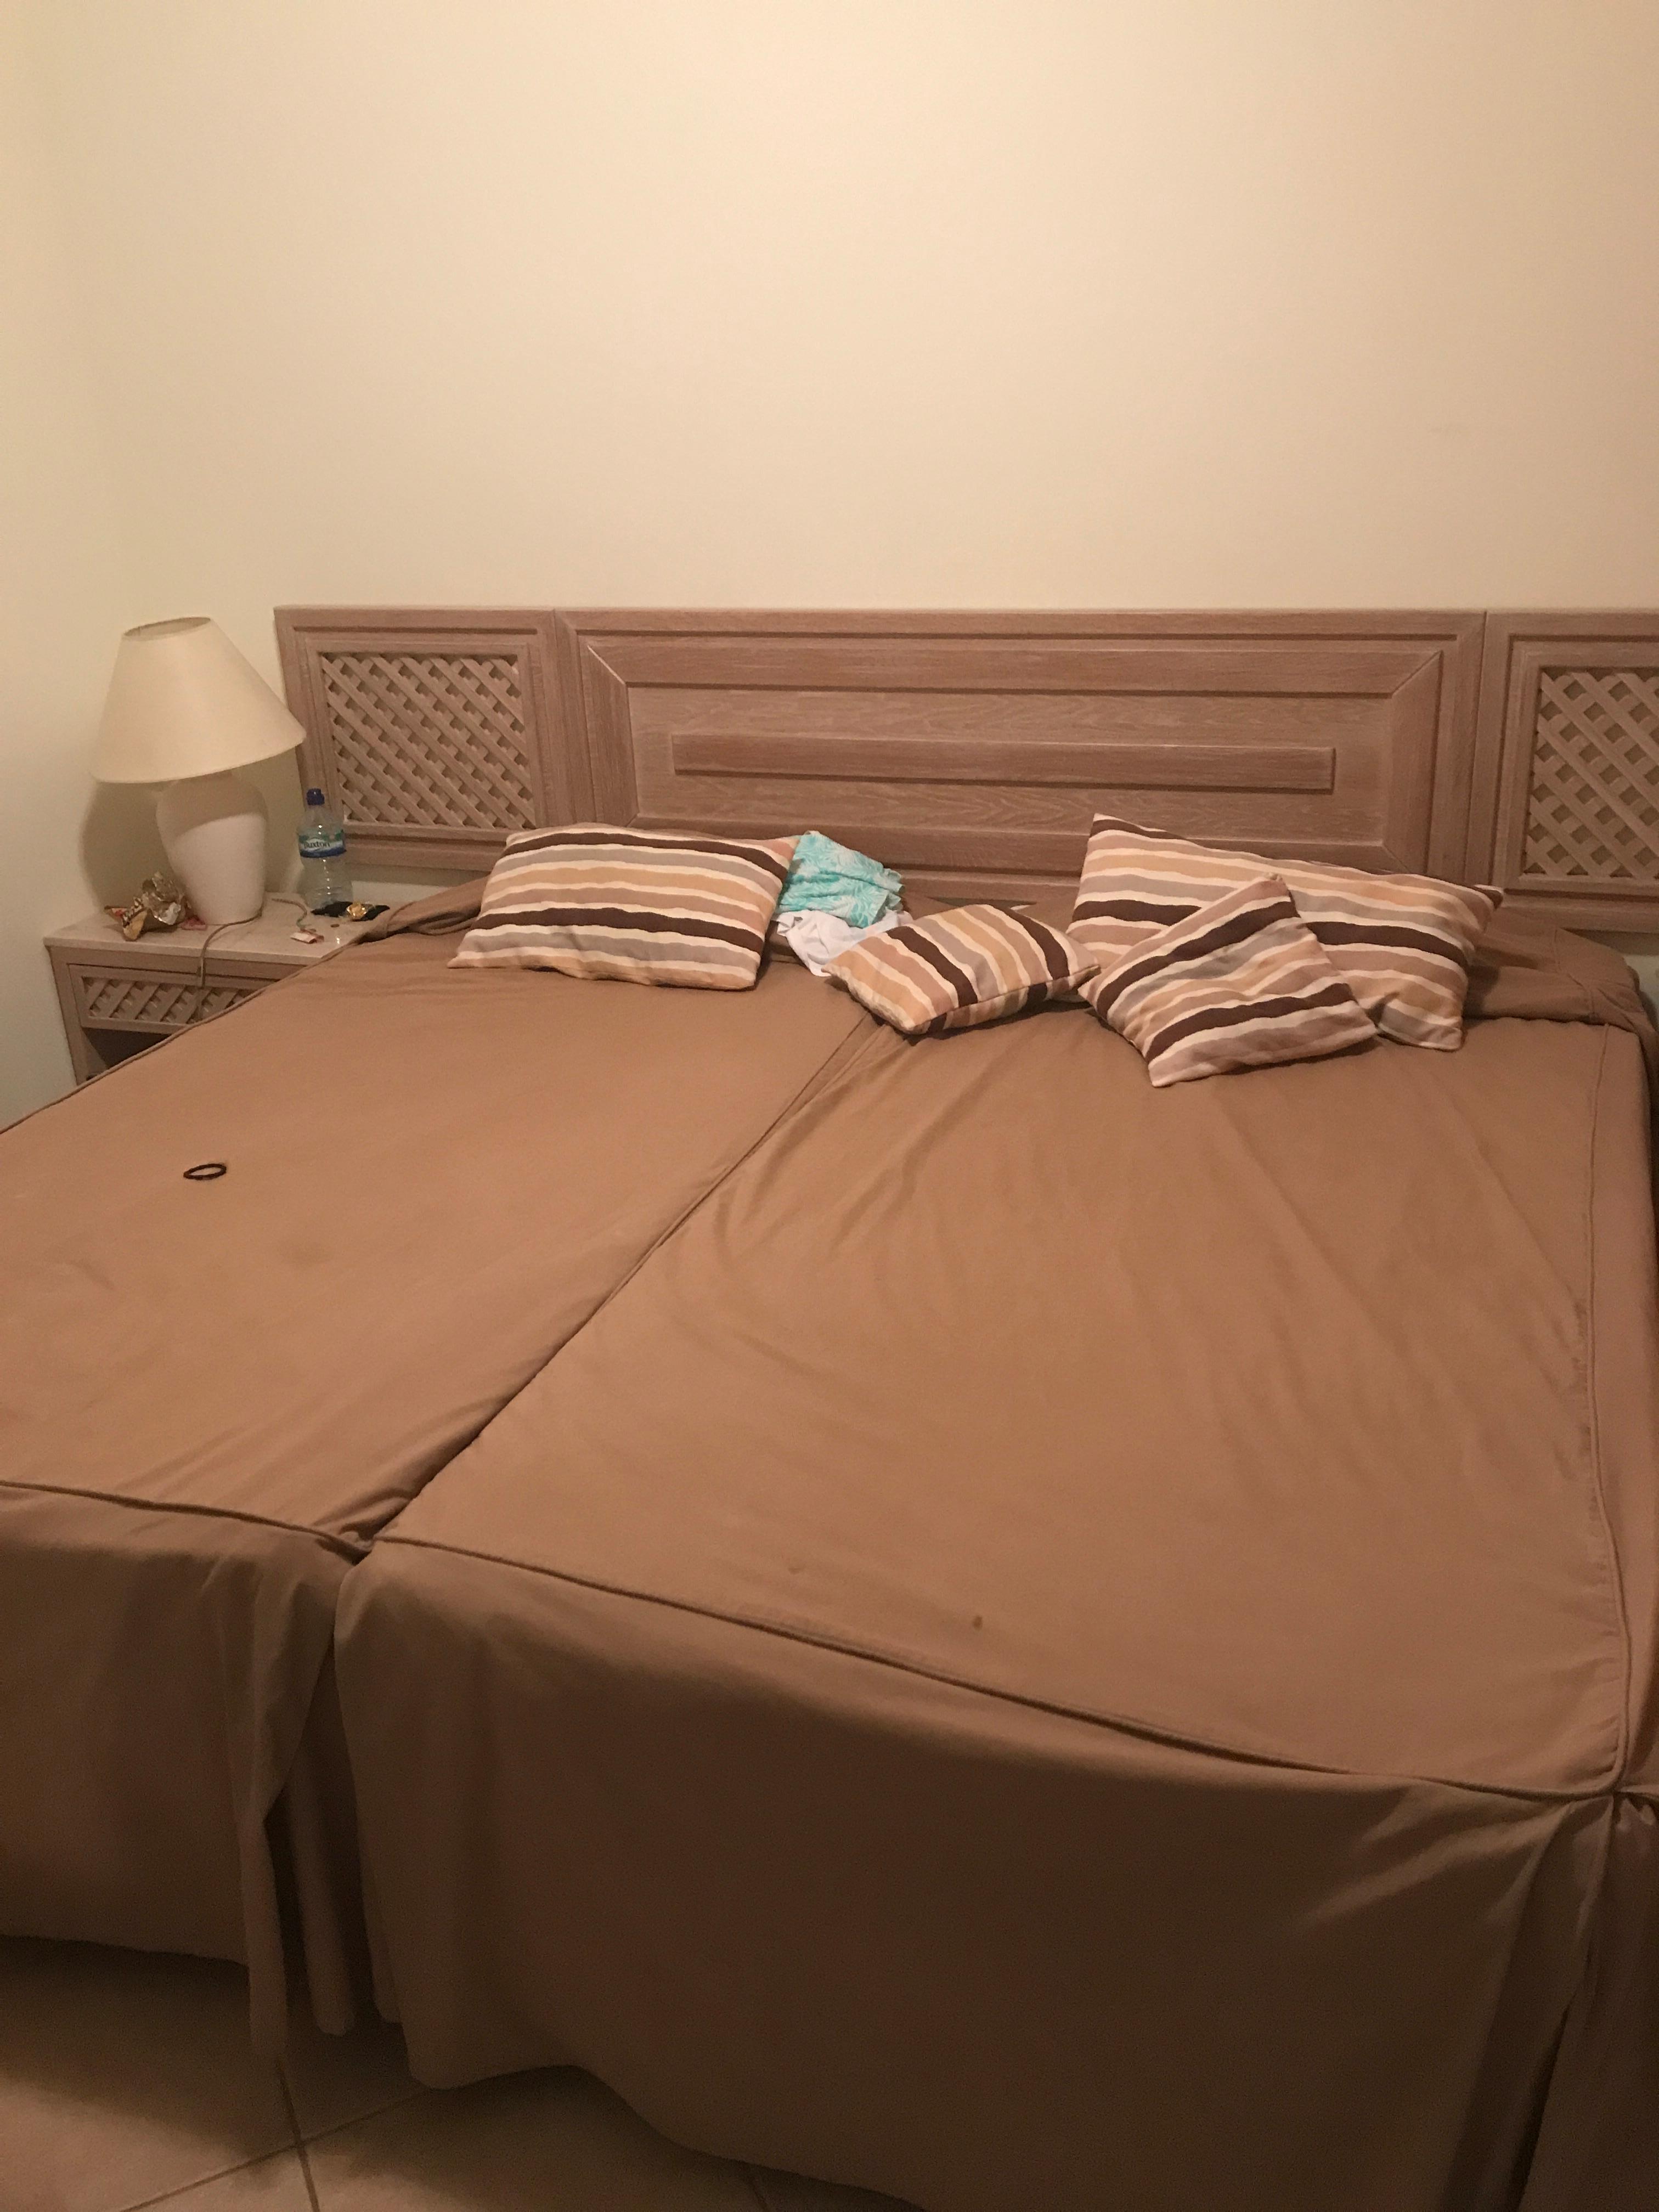 1 of bedrooms